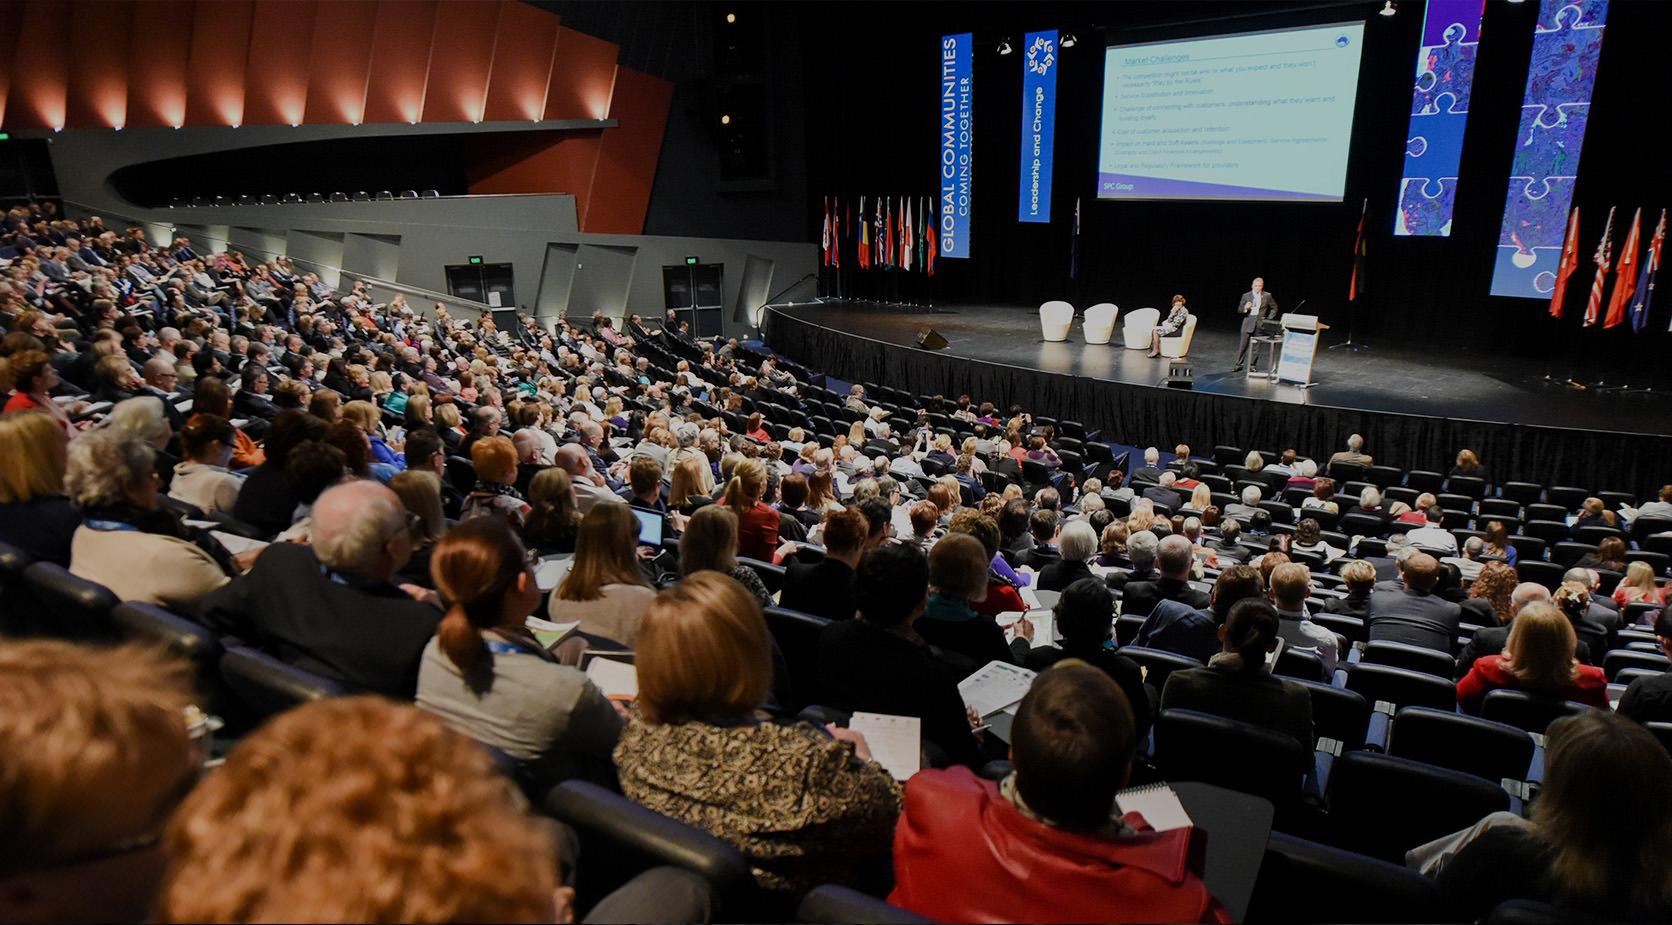 συνέδρια εκδηλώσεις ημερίδες conferences events meetings